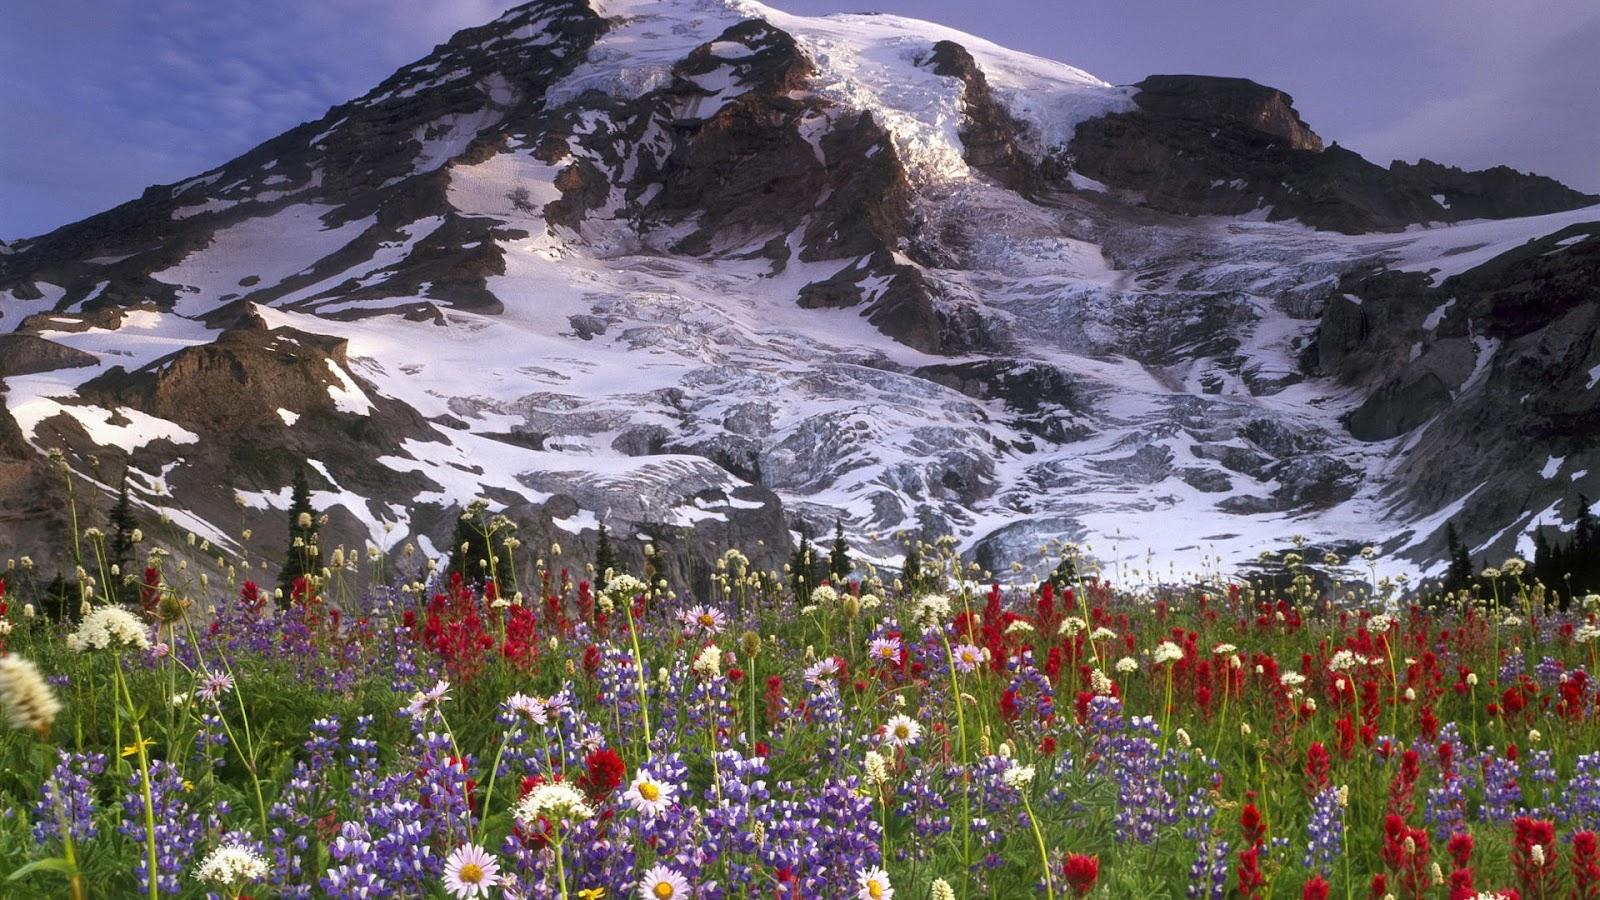 http://2.bp.blogspot.com/-IsXh-2WeTx4/UEpQ49EvUsI/AAAAAAAAGFM/wrSR530x45M/s1600/Desktop-Beautiful-high-resolution-wallpapers-34.jpg